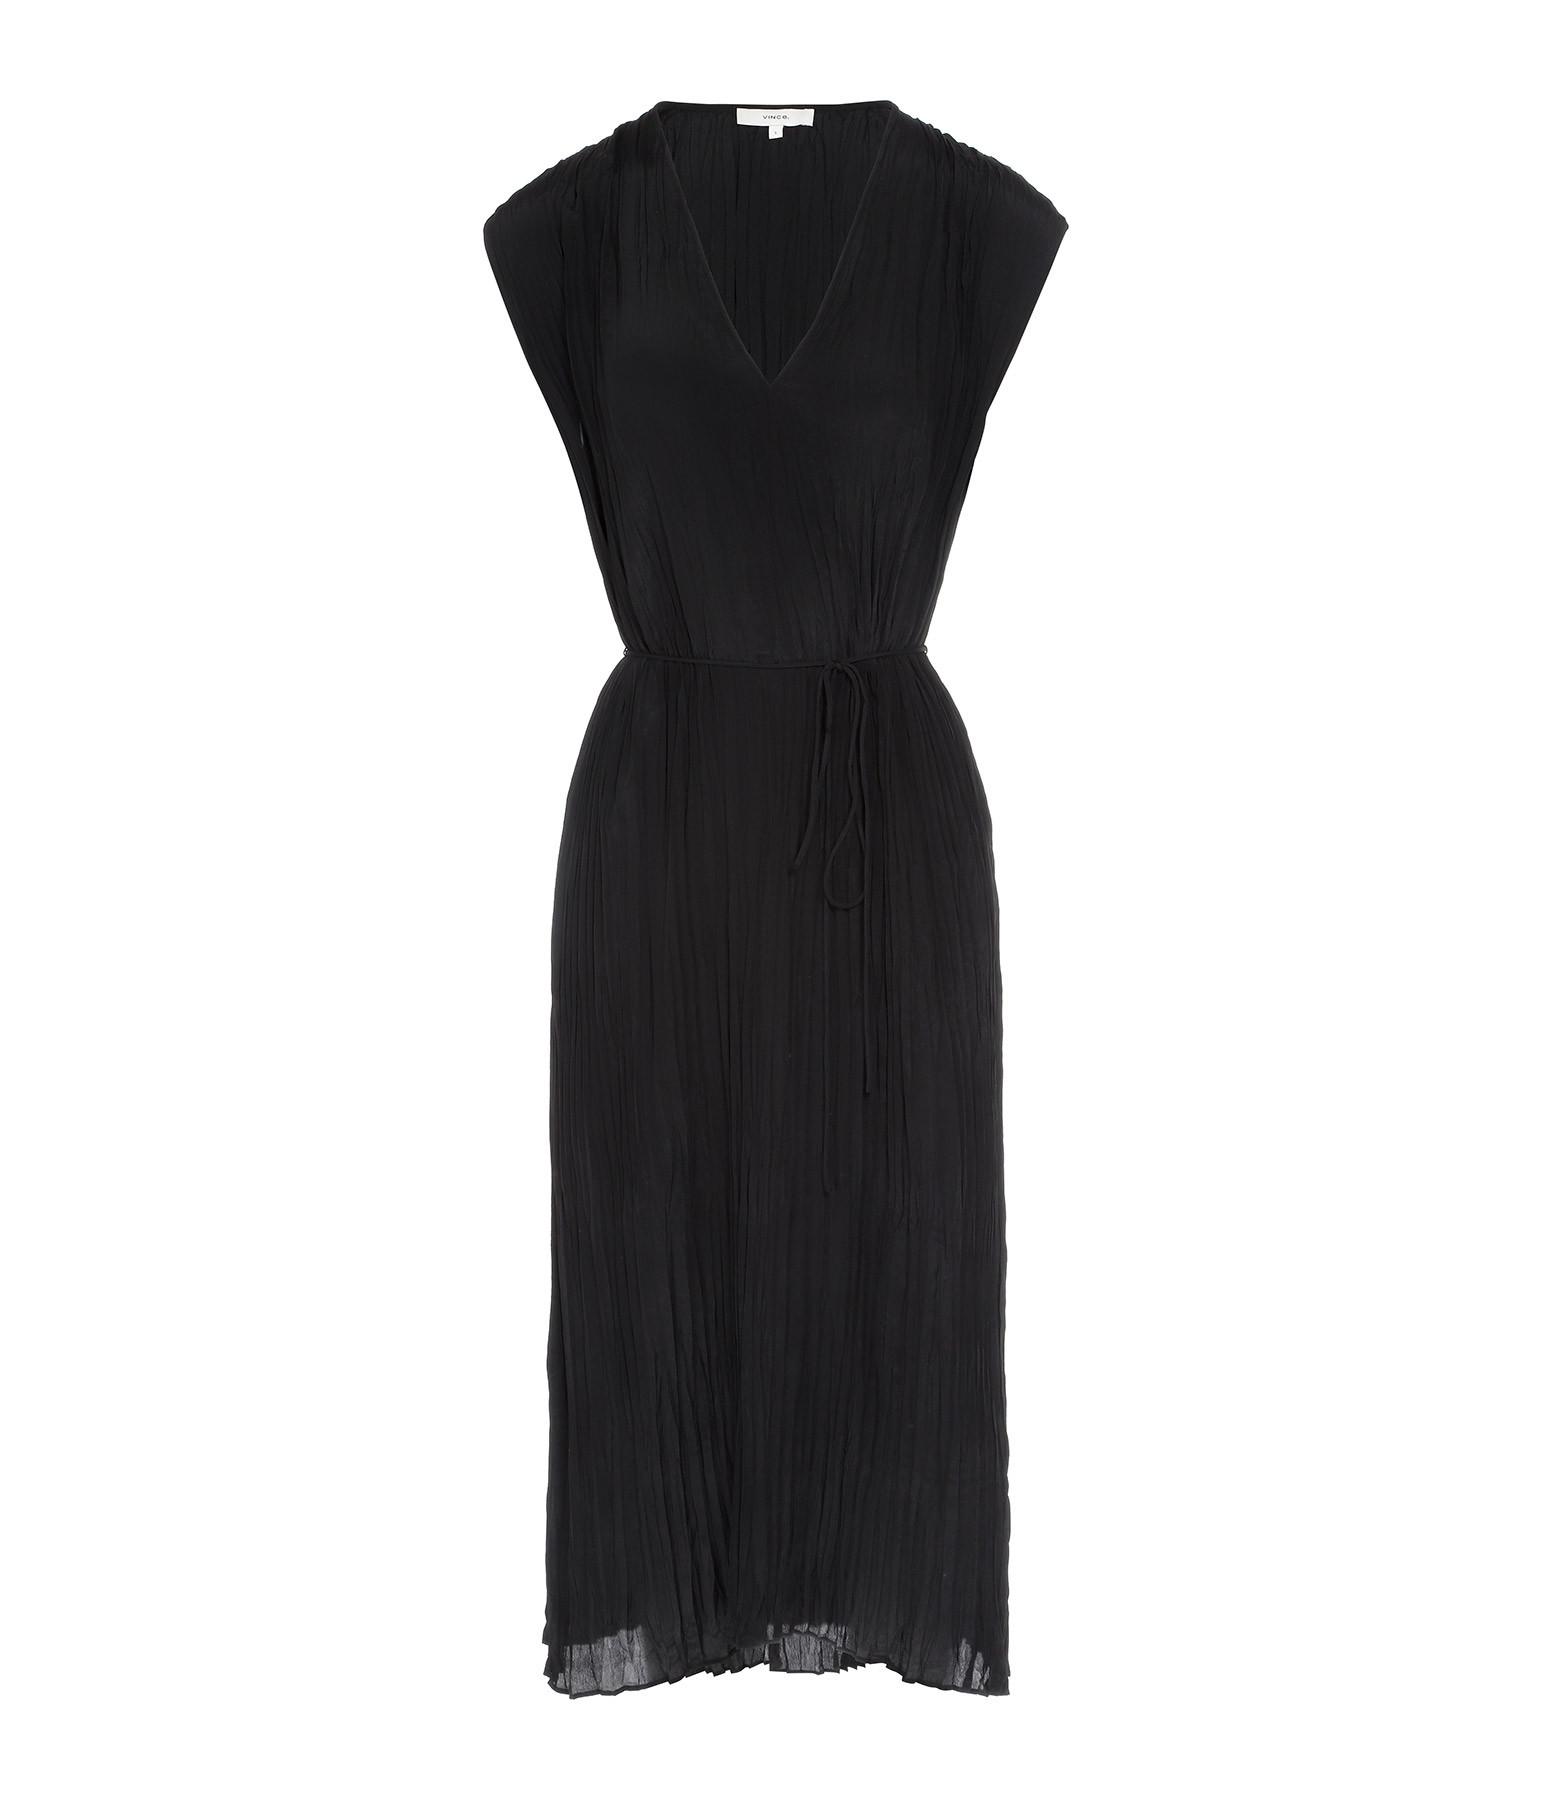 VINCE - Robe Fluide Noir